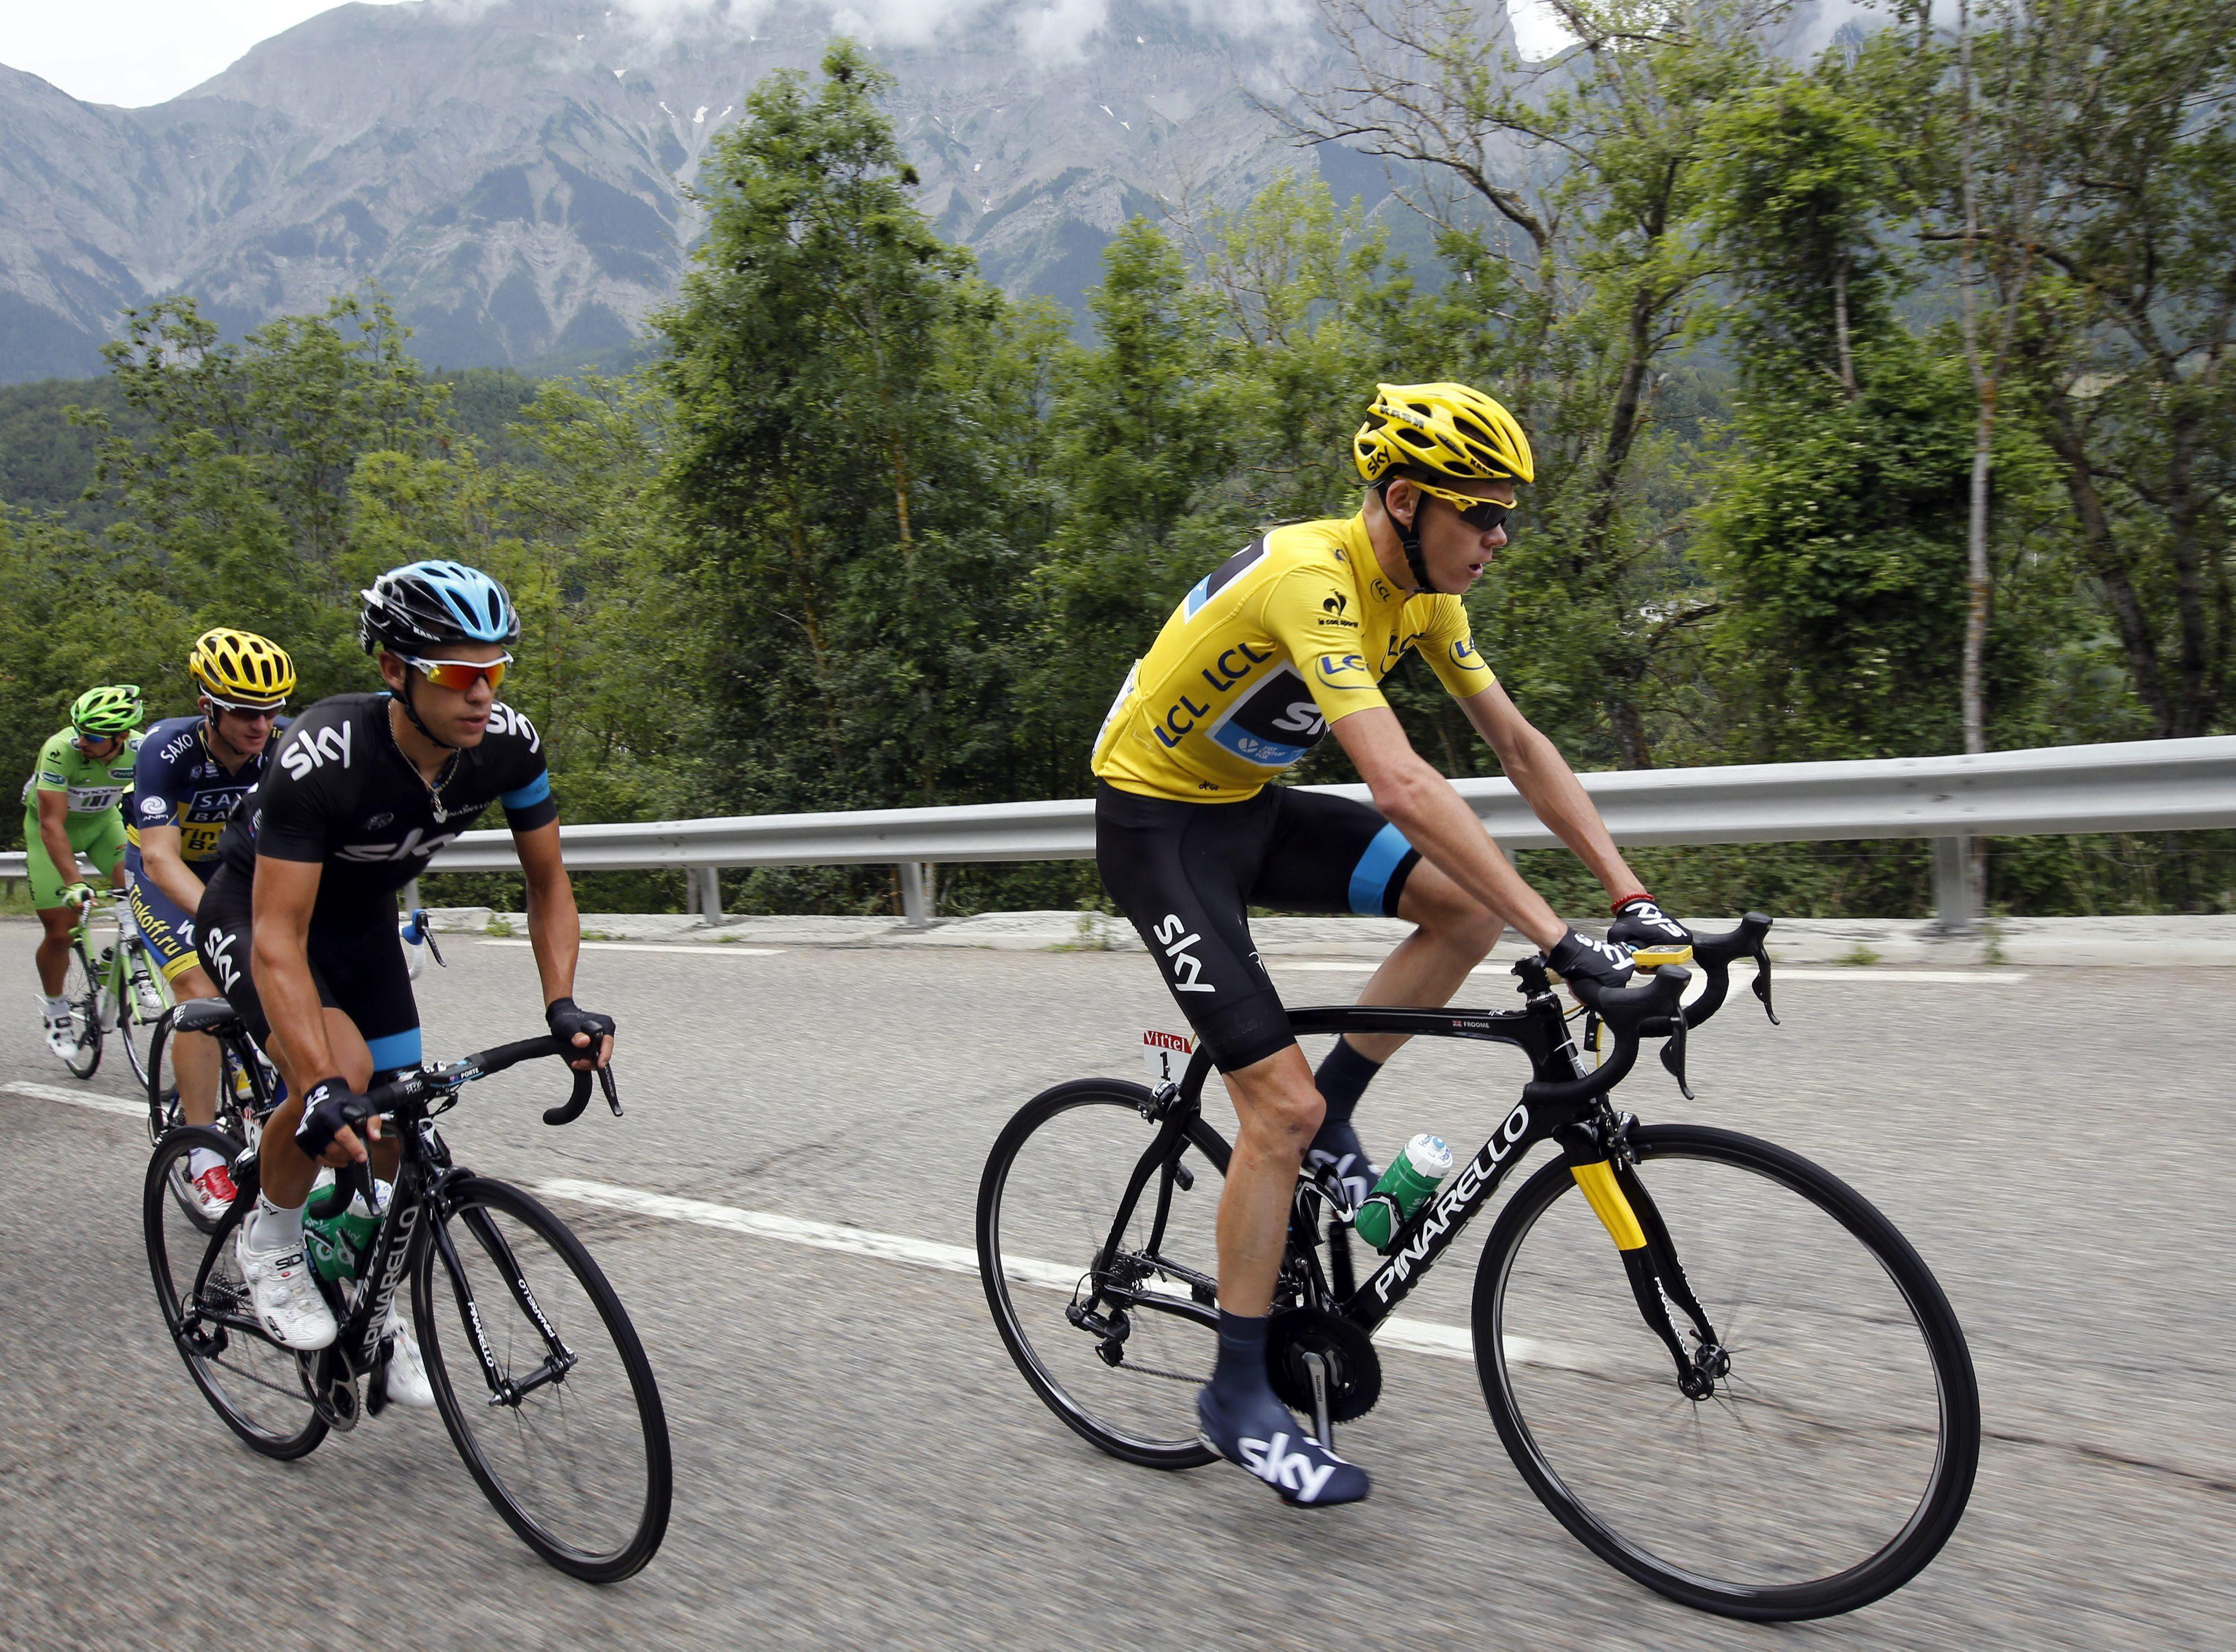 Quintana asciende al tercer puesto de la general del Tour